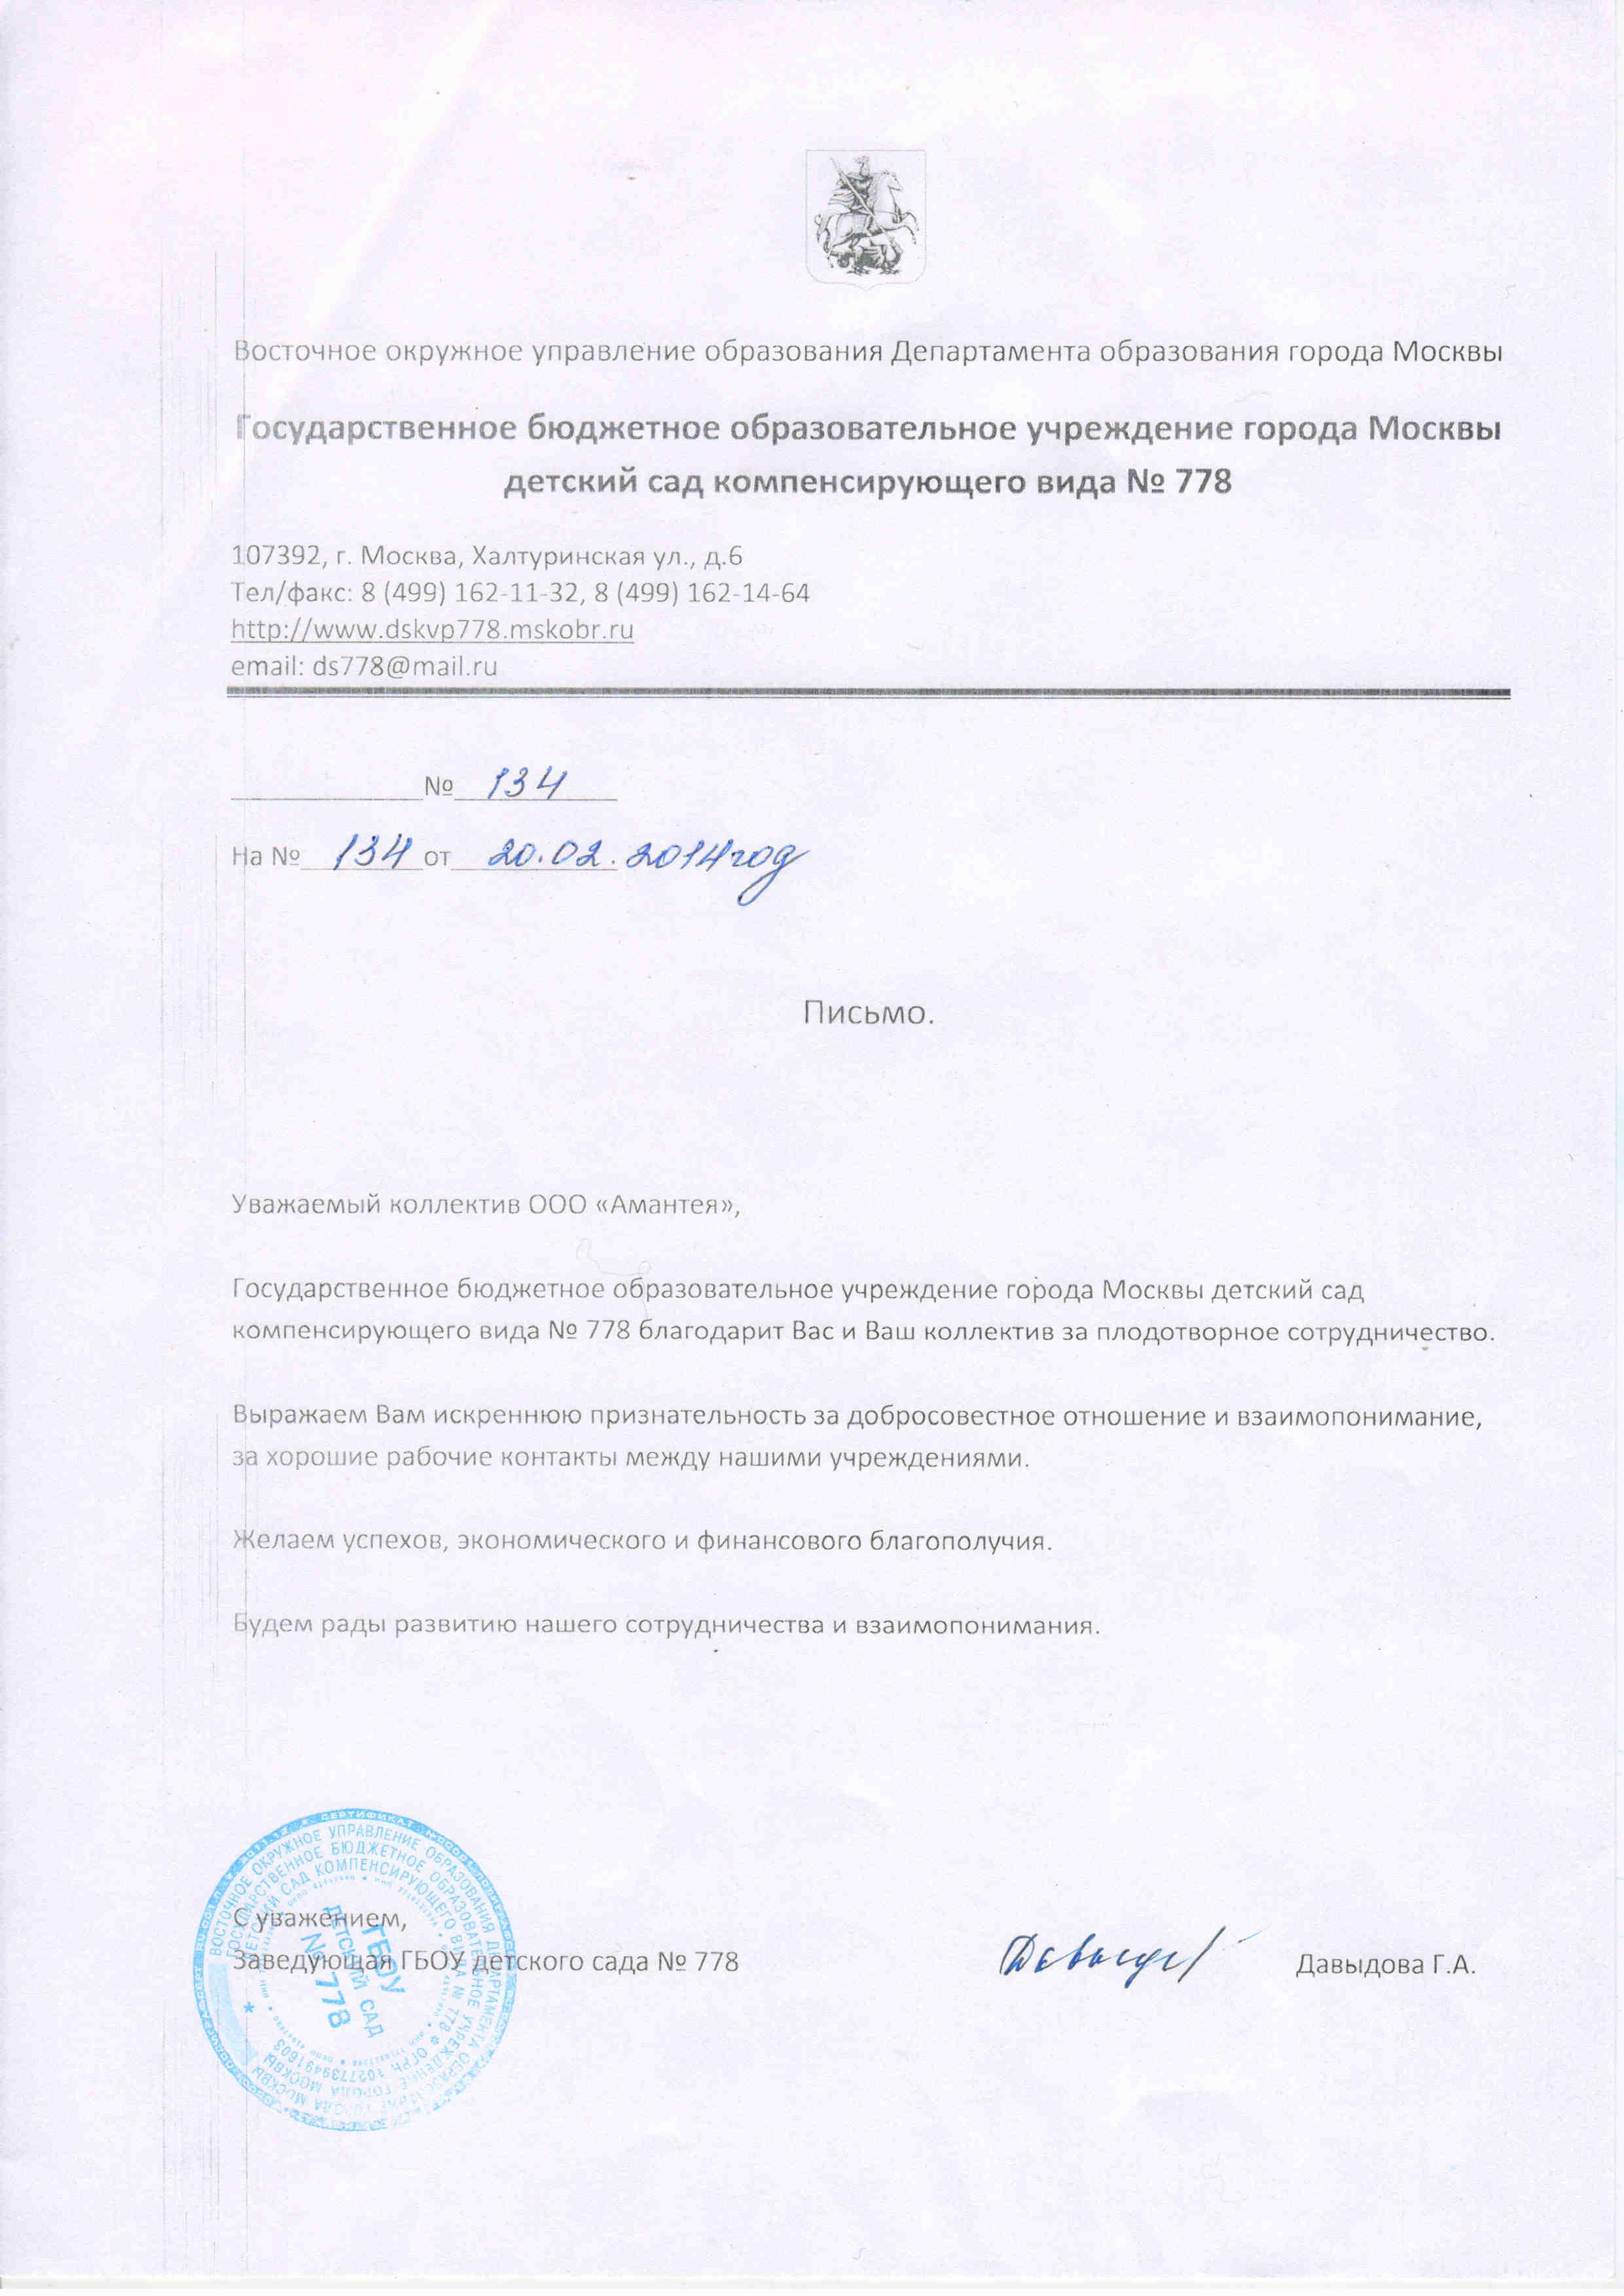 ГБОУ г.Москвы детский сад компенсирующего вида №778